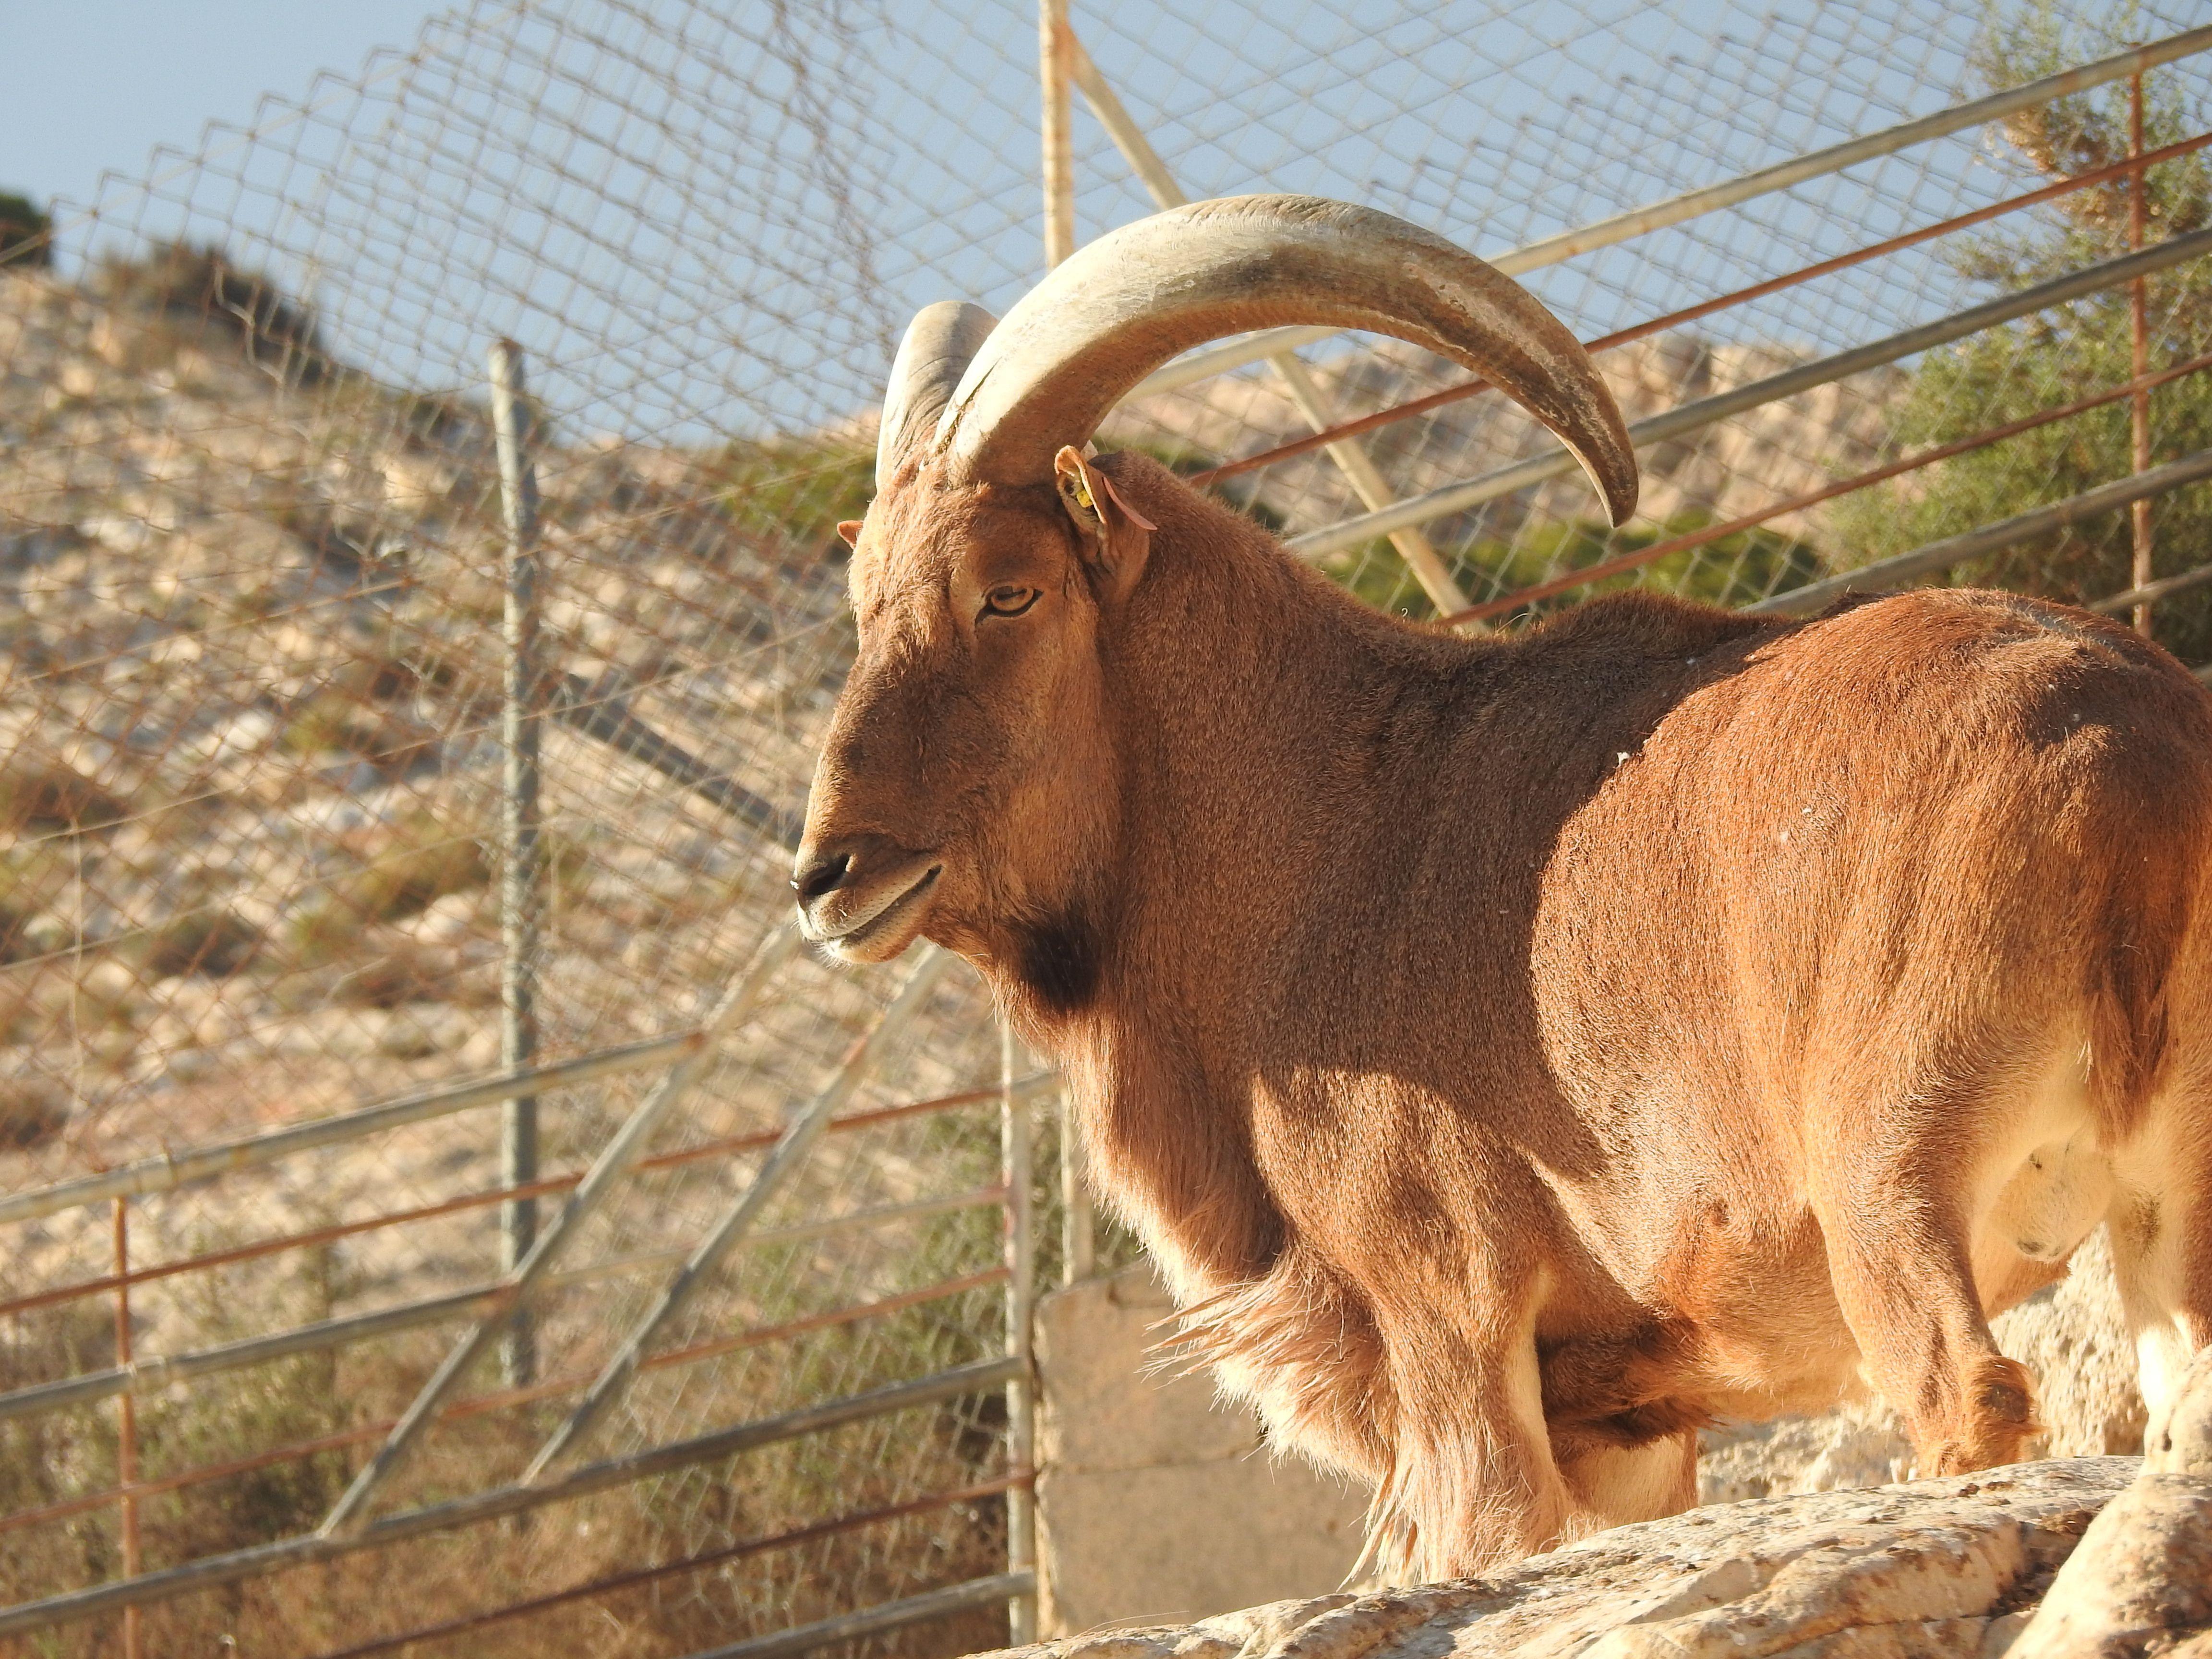 imagen de Arrui sahariano macho, en la Finca Experimental de La Hoya. Foto: Jorge Cassinello EEZA-CSIC